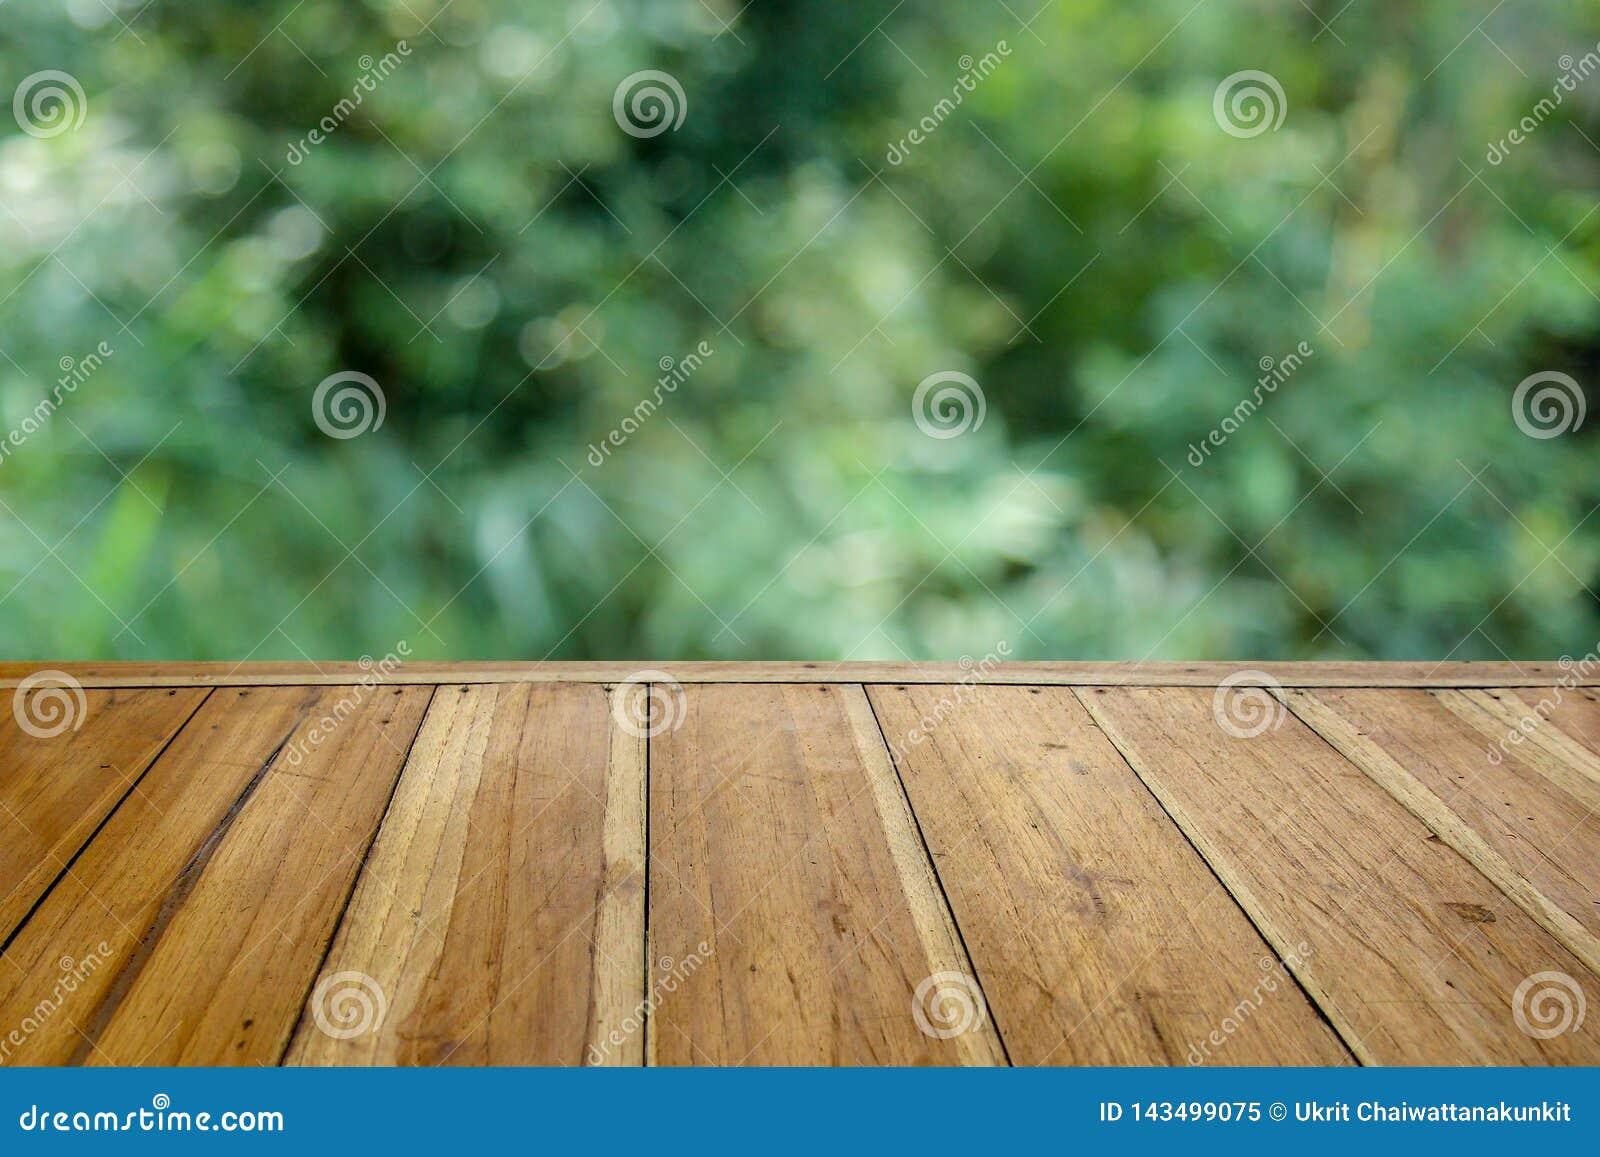 Tavola di legno vuota per il vostro prodotto ed offuscare sfondo naturale